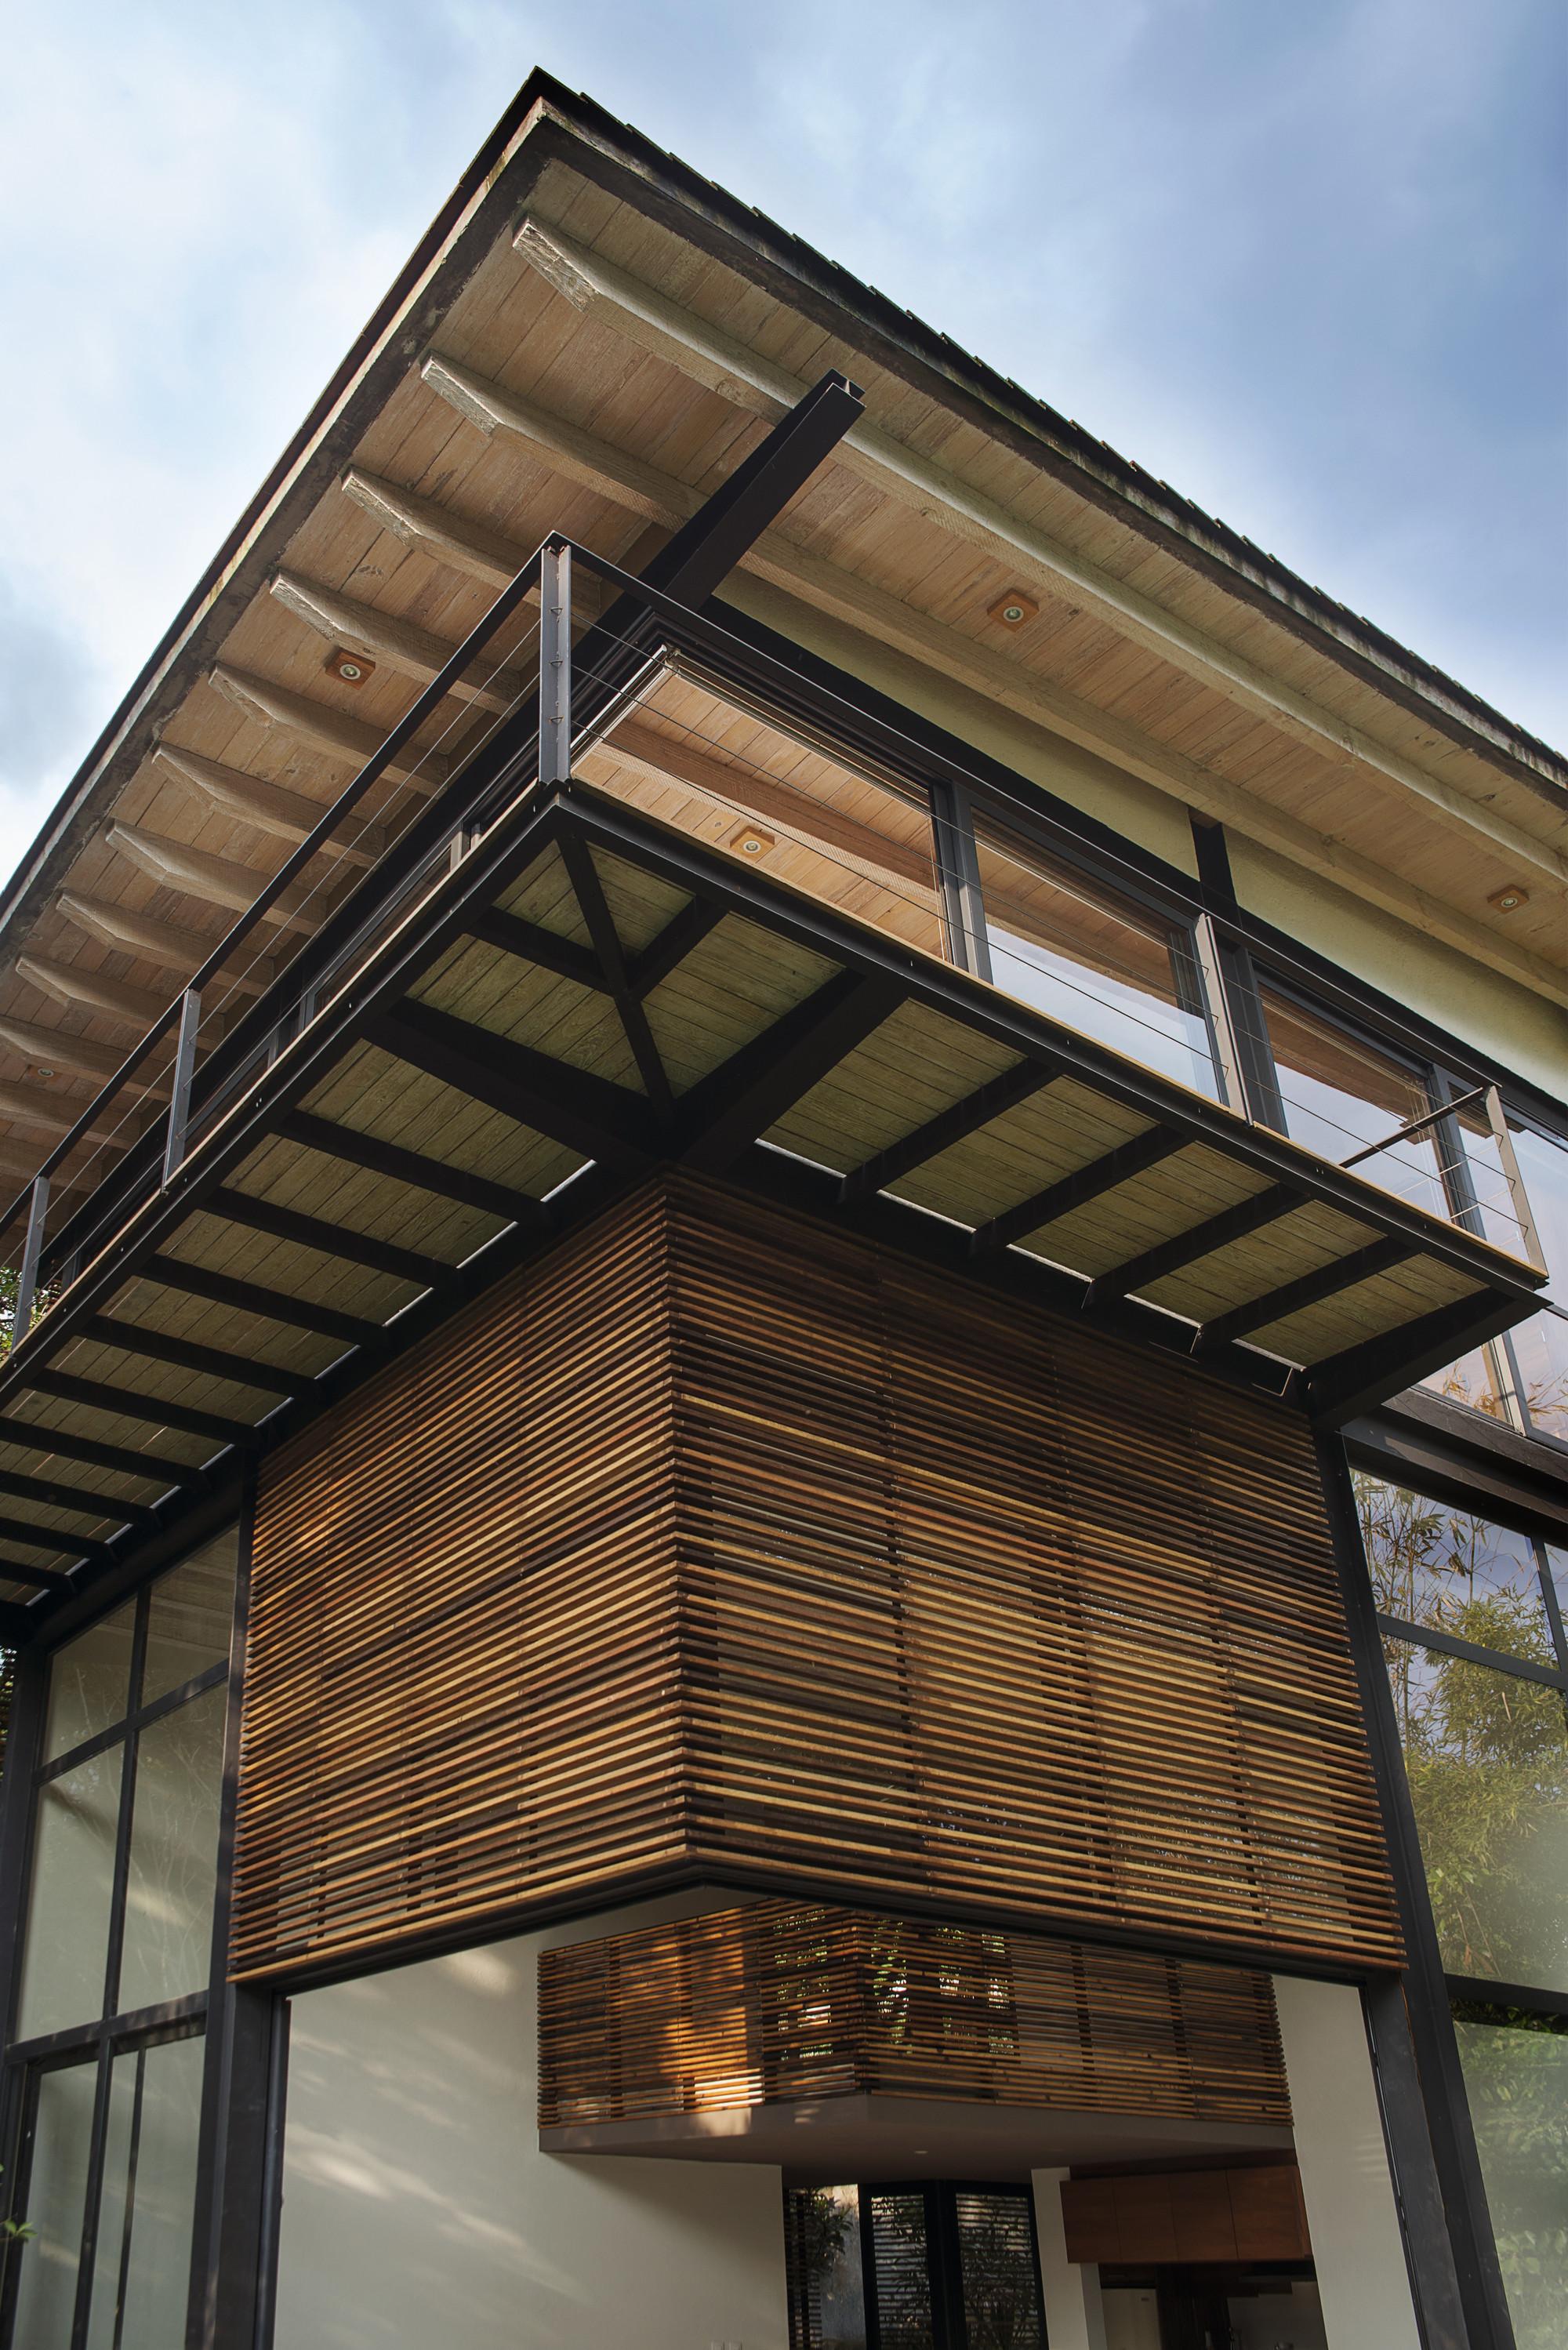 Galeria de casa chipicas alejandro s nchez garc a for Alejandro sanchez garcia arquitectos